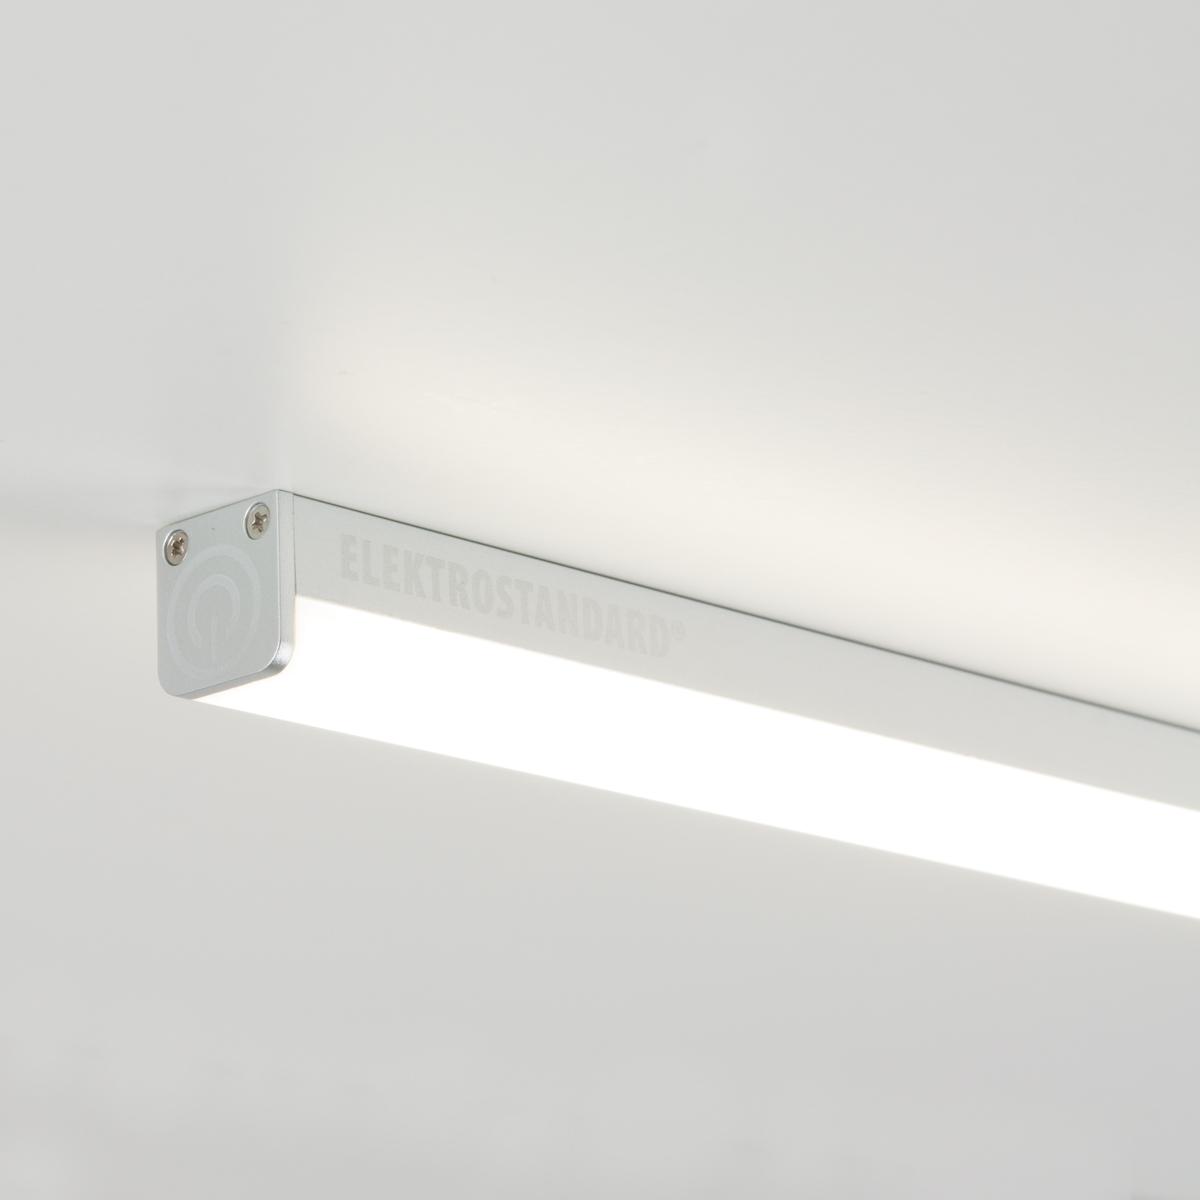 Светодиодиодный светильник Сенсорный  Led Stick LST01 16W 4200К 90sm